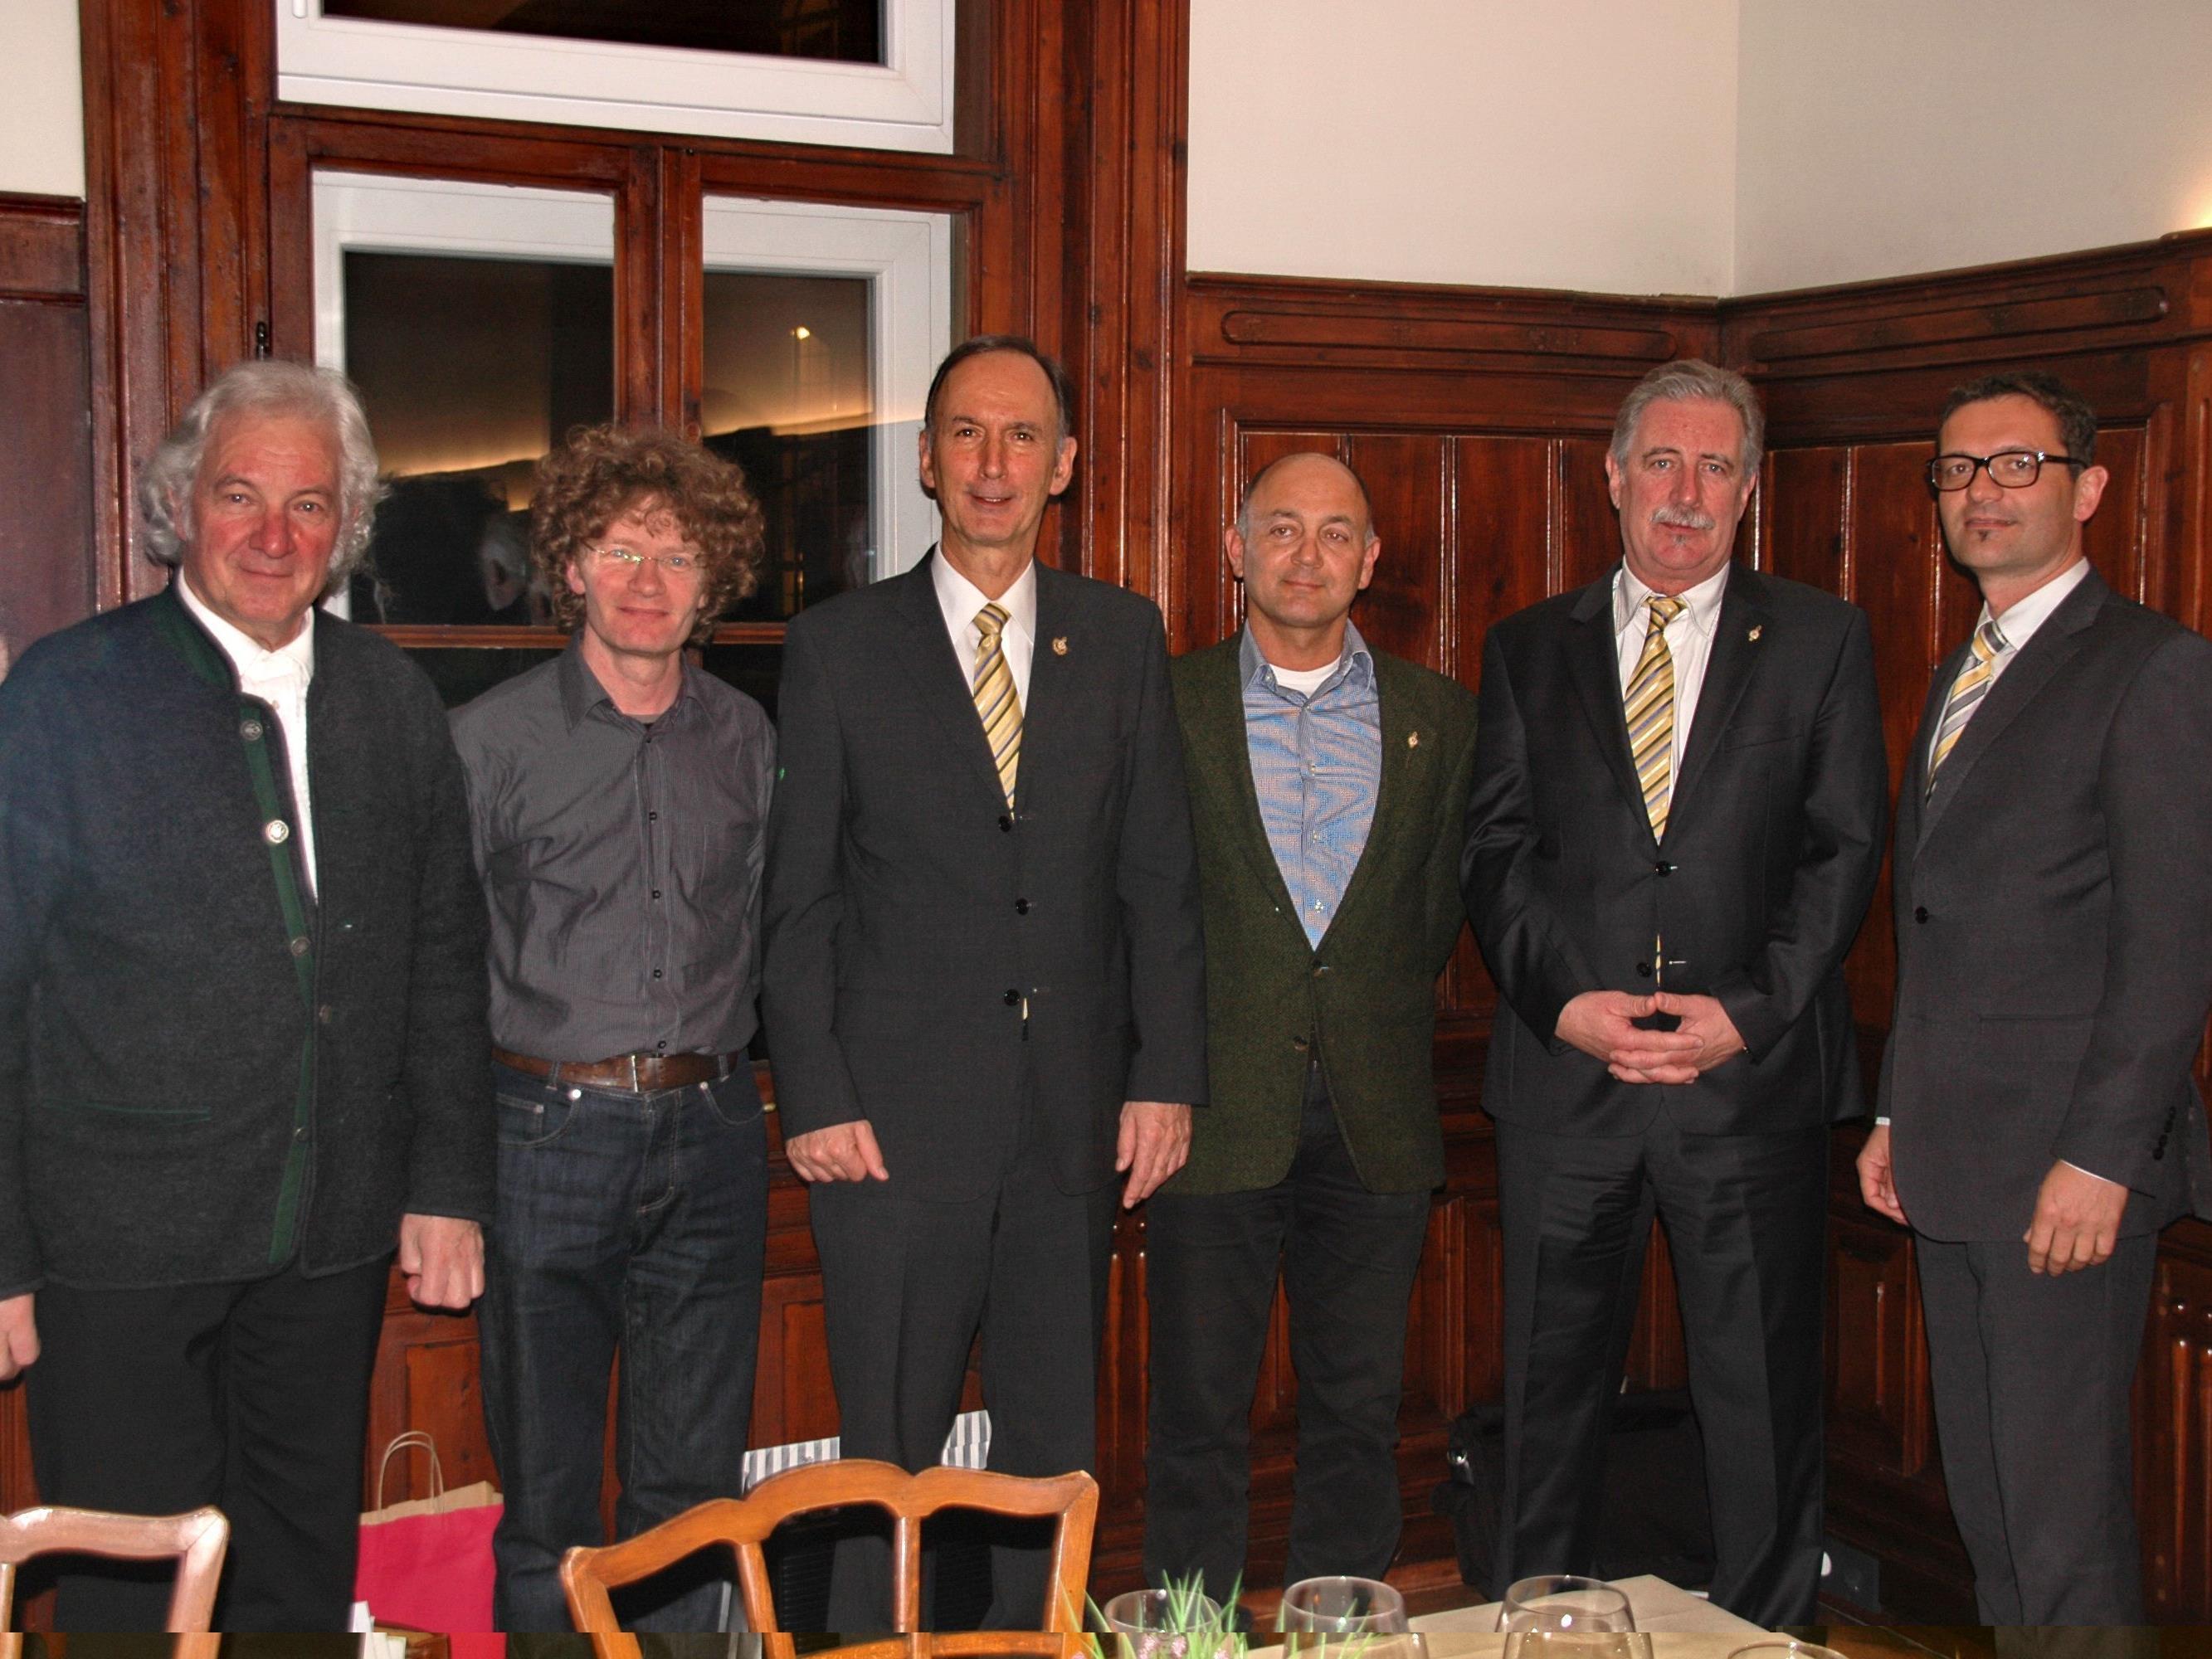 Die neuen Sänger Michael Mathis und Ferdinand Schlegel. Von links: Gunnar Breuer, Martin Lindenthal, Kurt Deuring, Michael Mathis, Ferdinand Schlegel und Claus Brändle.